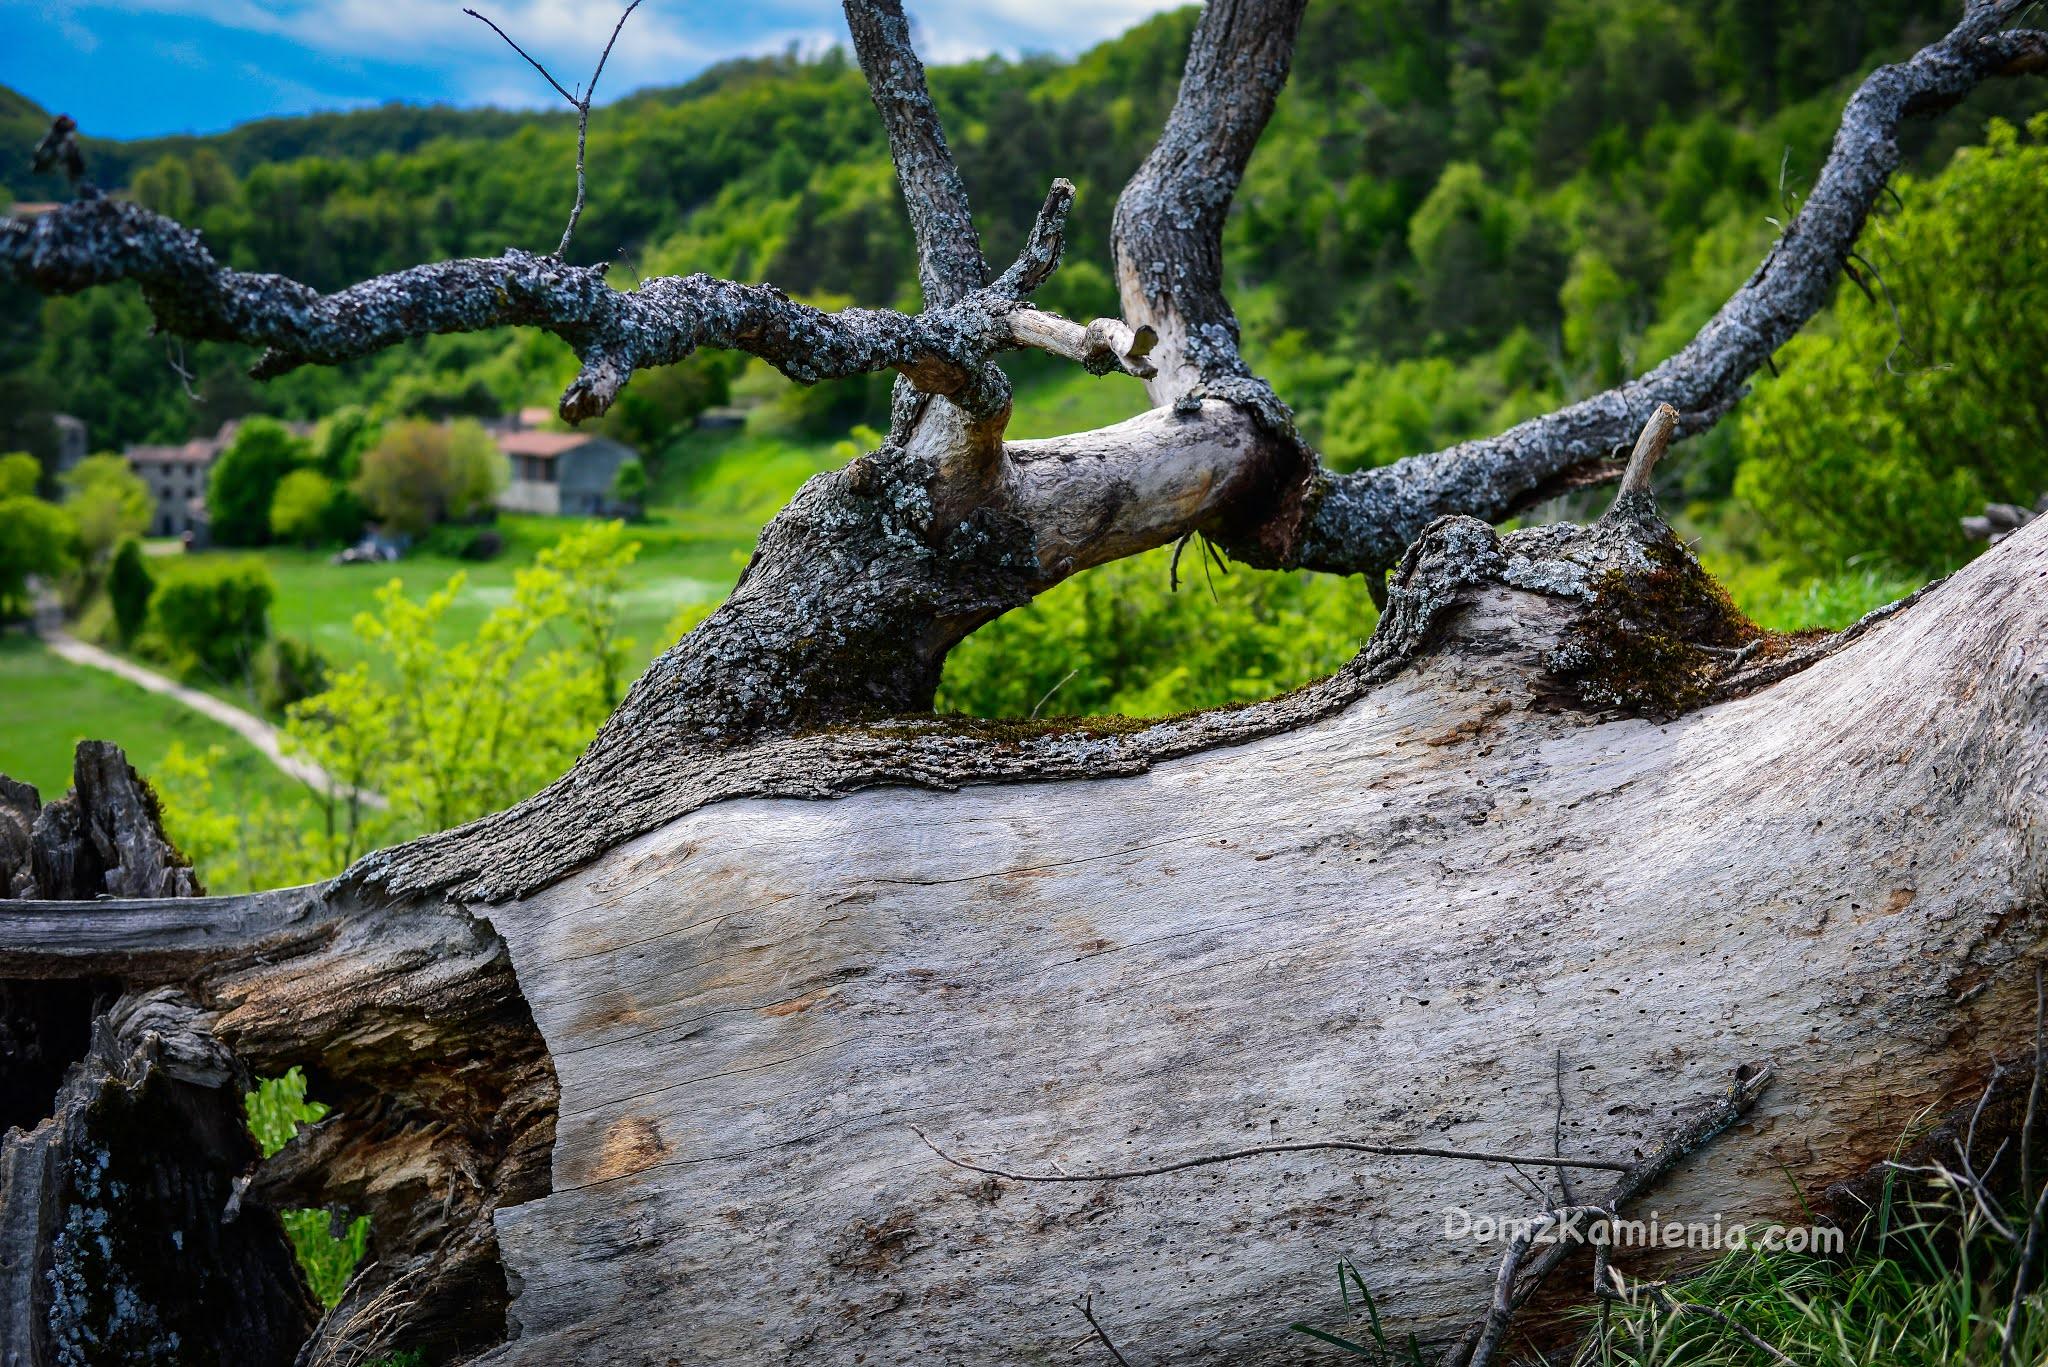 Dom z Kamienia, Gamberaldi, blog o życiu w Toskanii